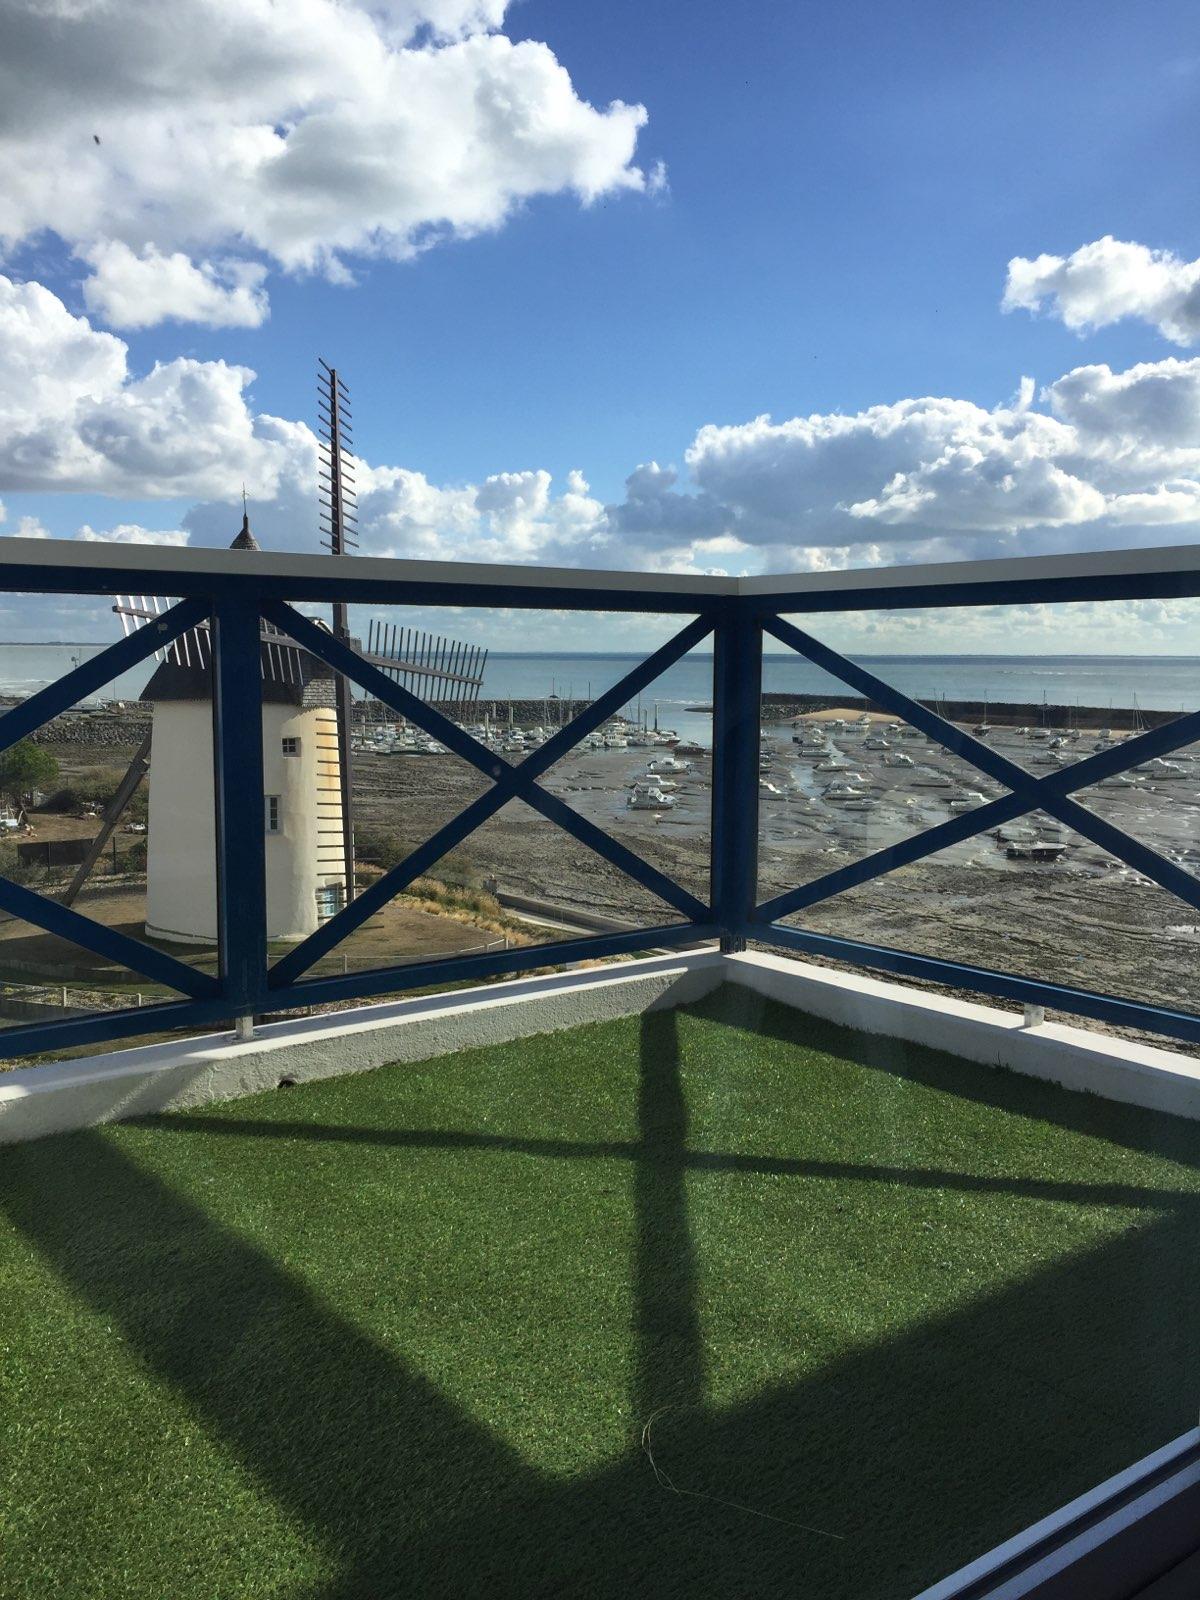 balcon avec vue sur le moulin et l'océan à marée basse